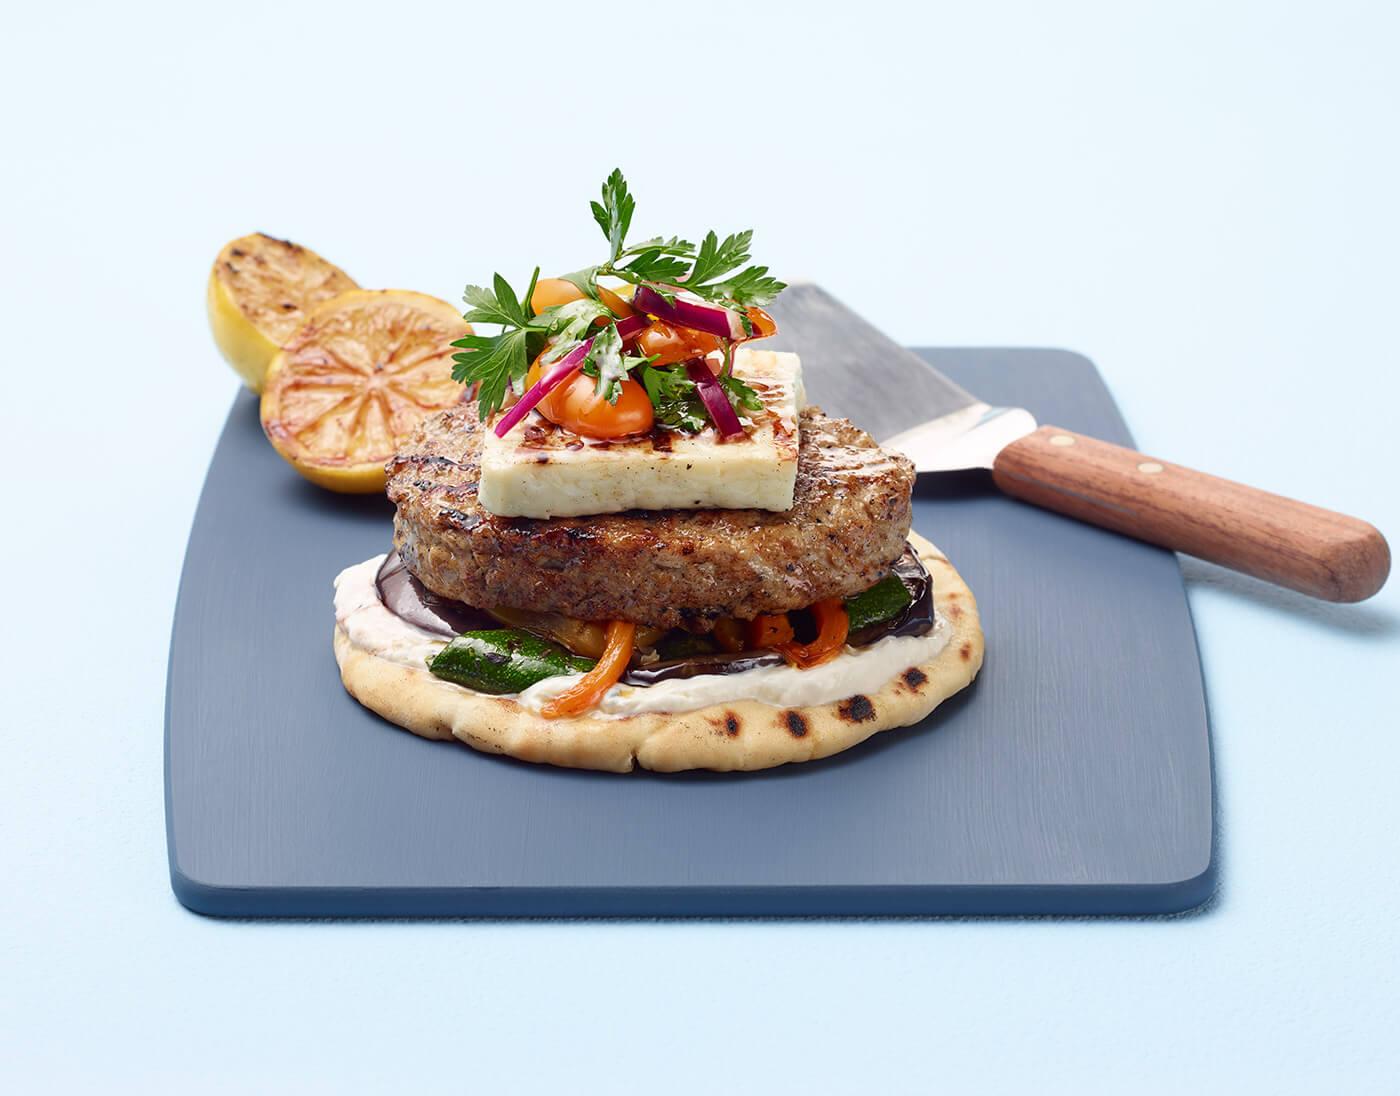 Mediterranean Turkey Burger